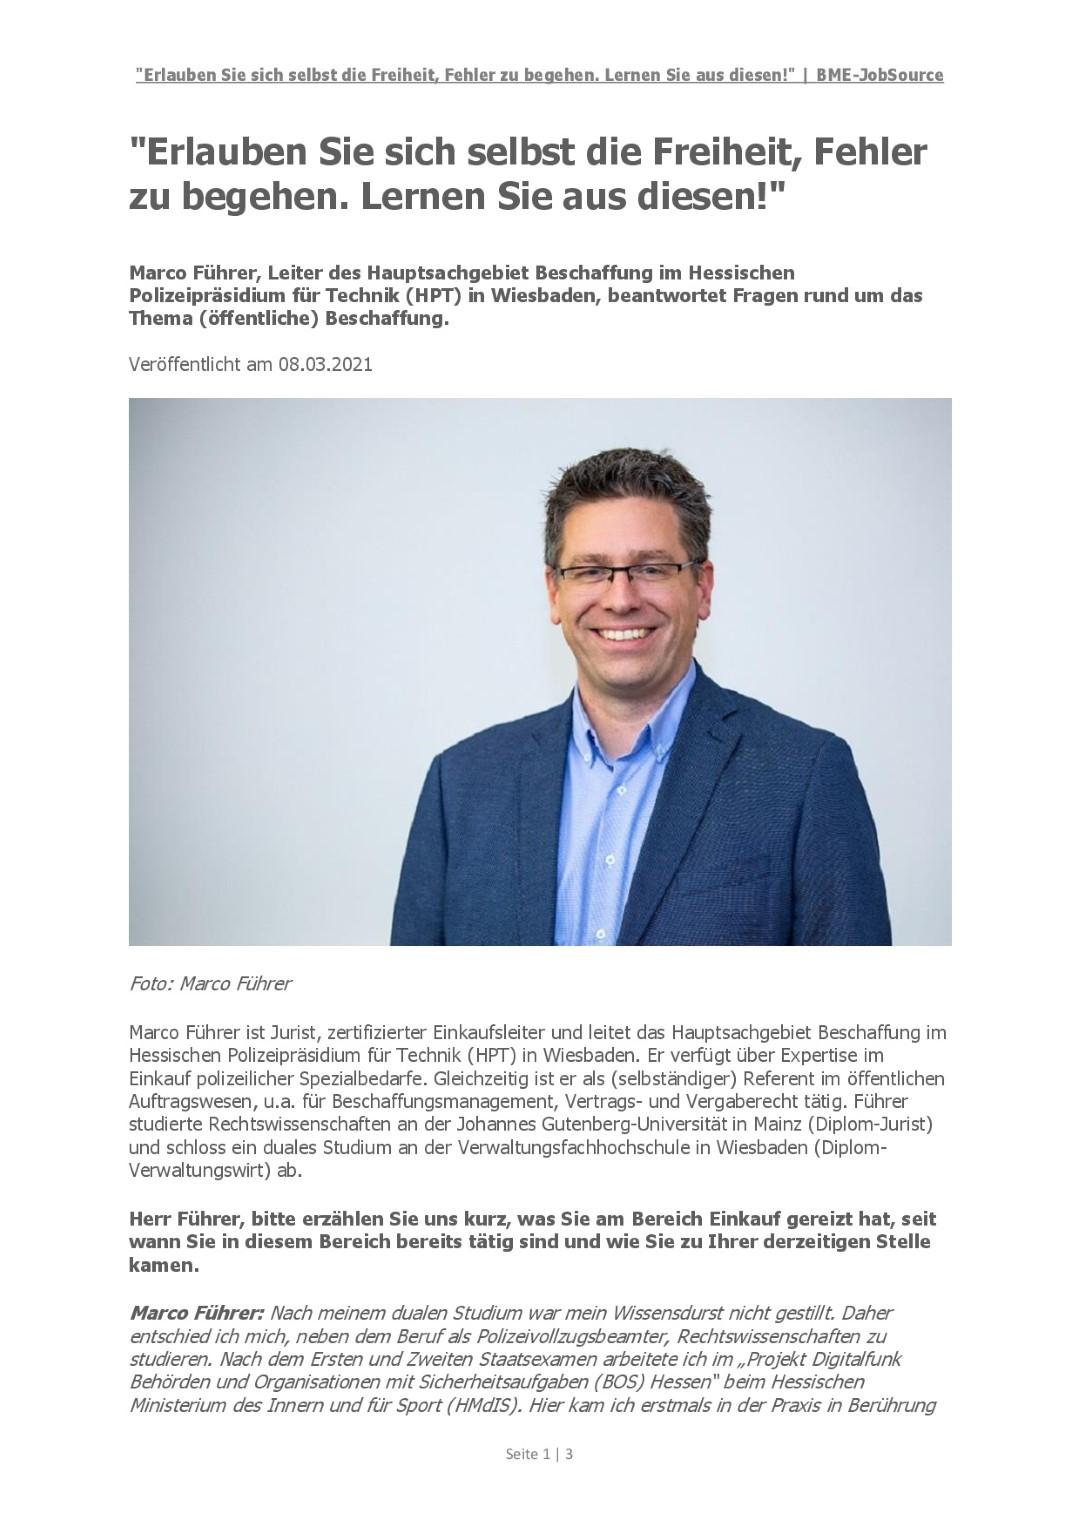 BME-JobSource - Interview Marco Führer, HPT - Seite 1